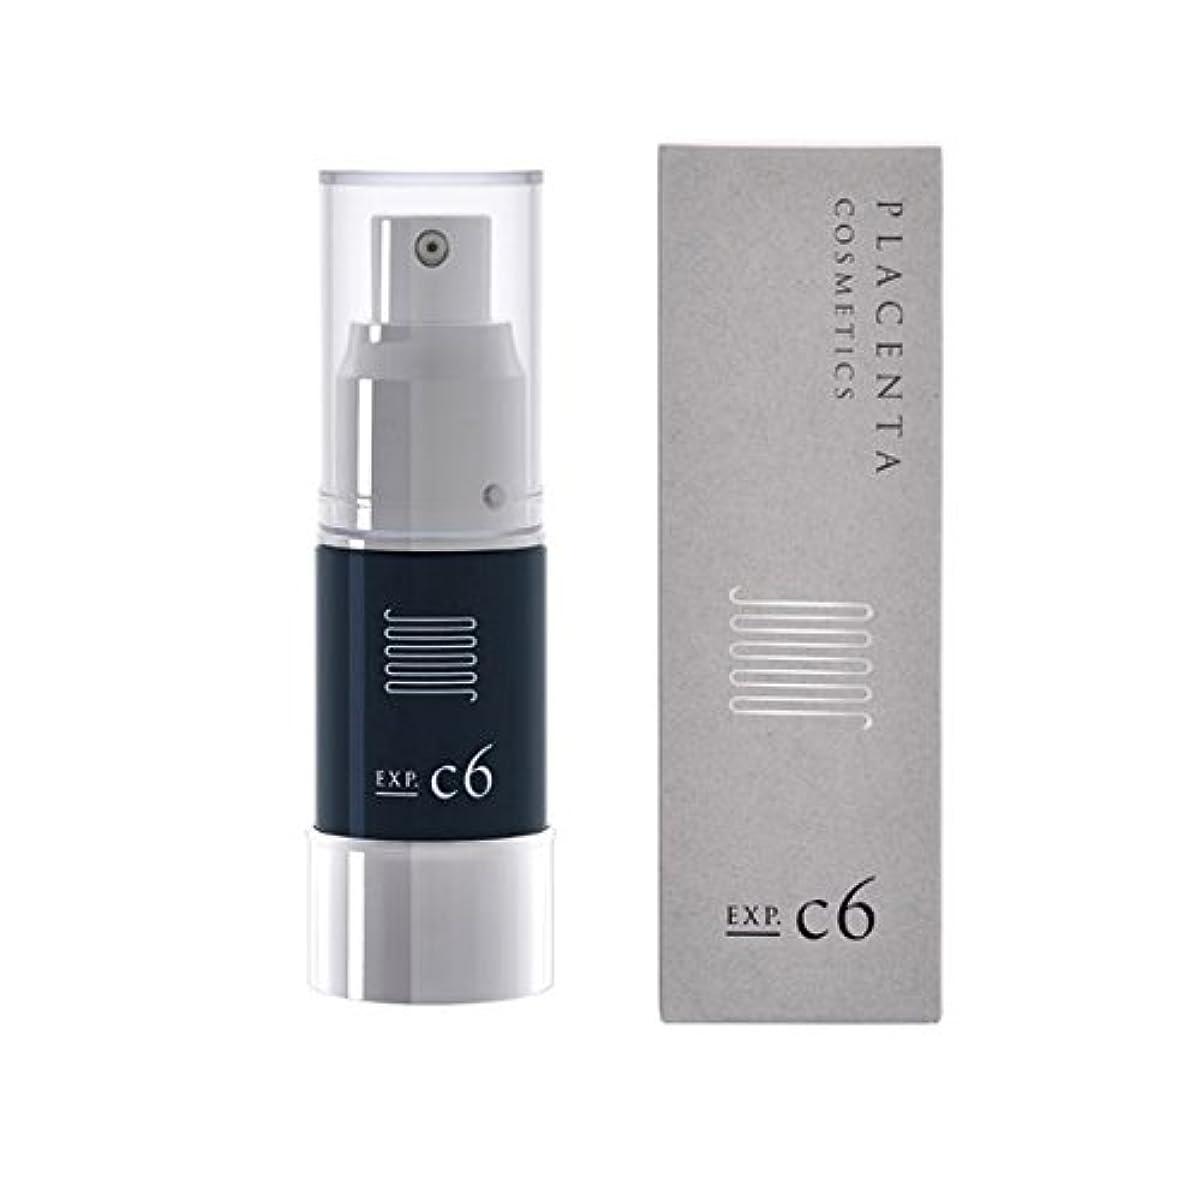 圧縮感性アデレードプラセンタC6セラム(美容液)〈生プラセンタ50%配合〉フィルトムC6S 19mL